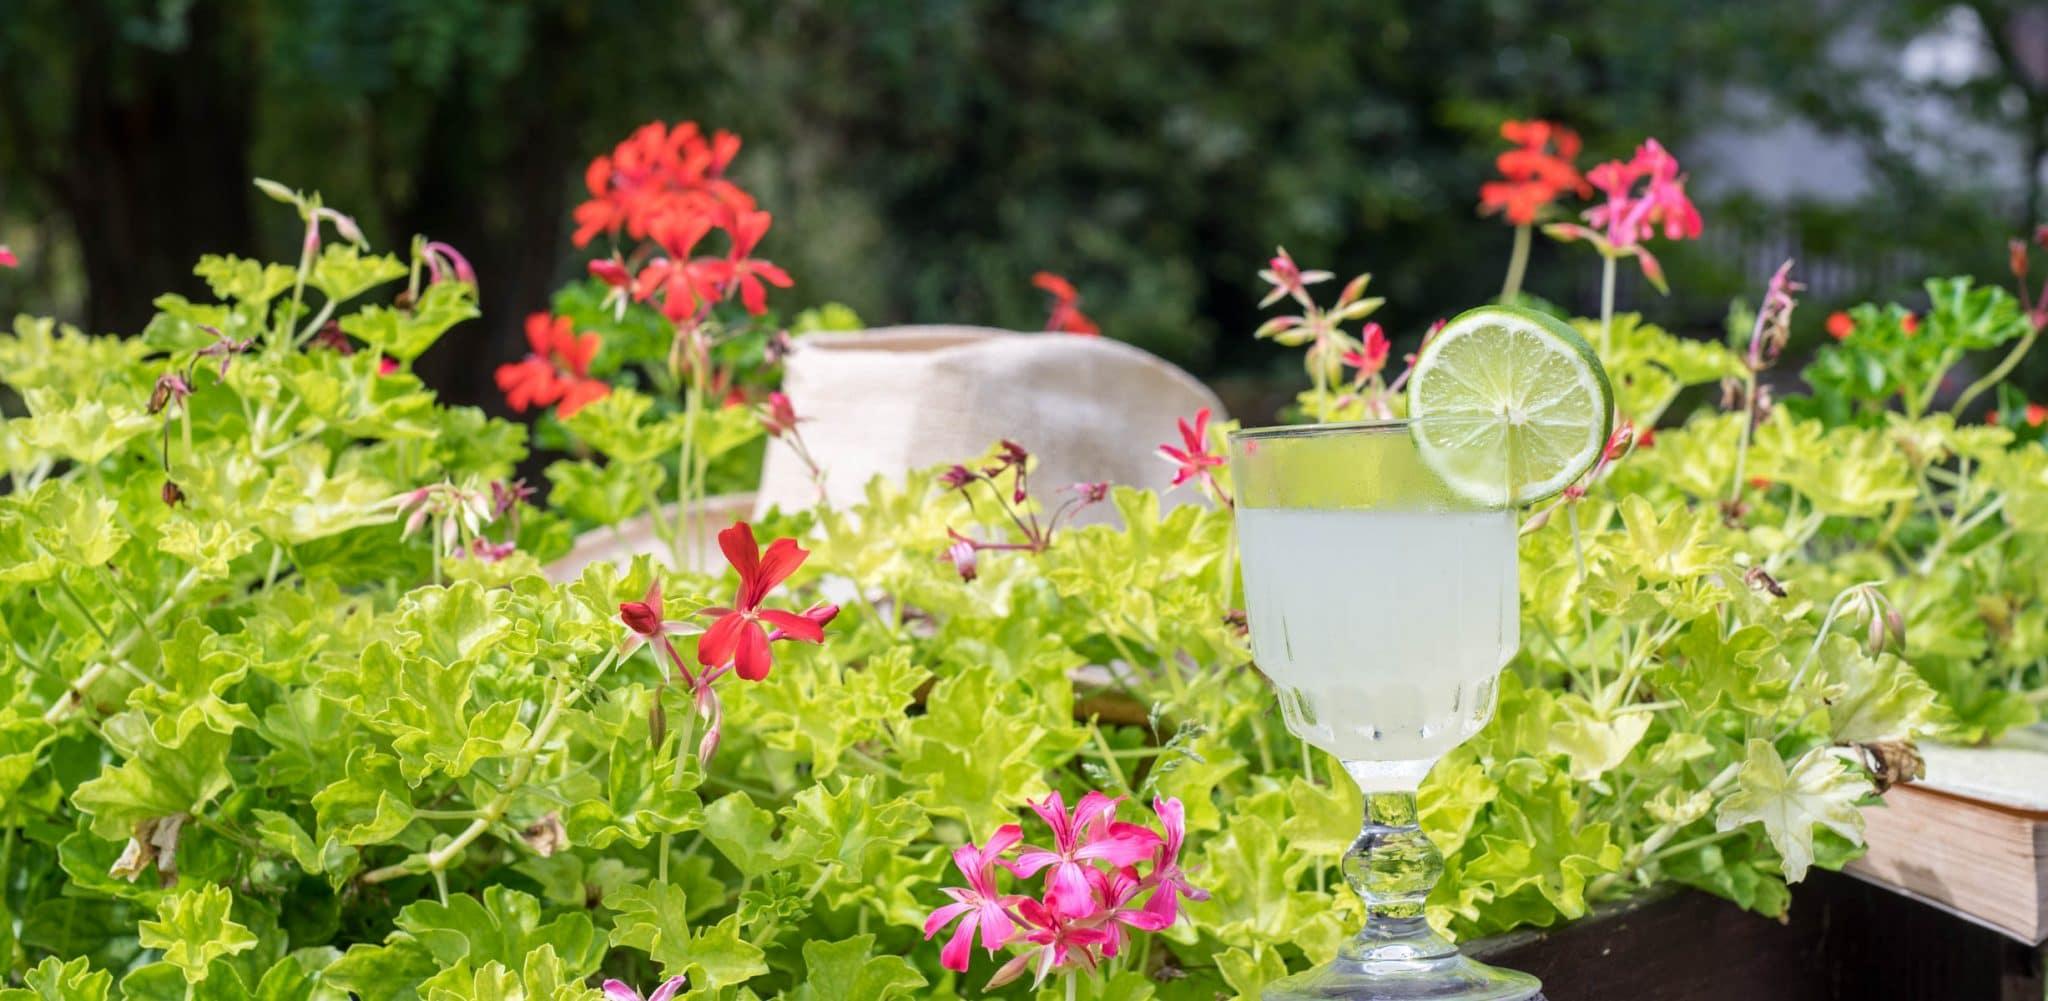 daiquiri-recipe-cocktail